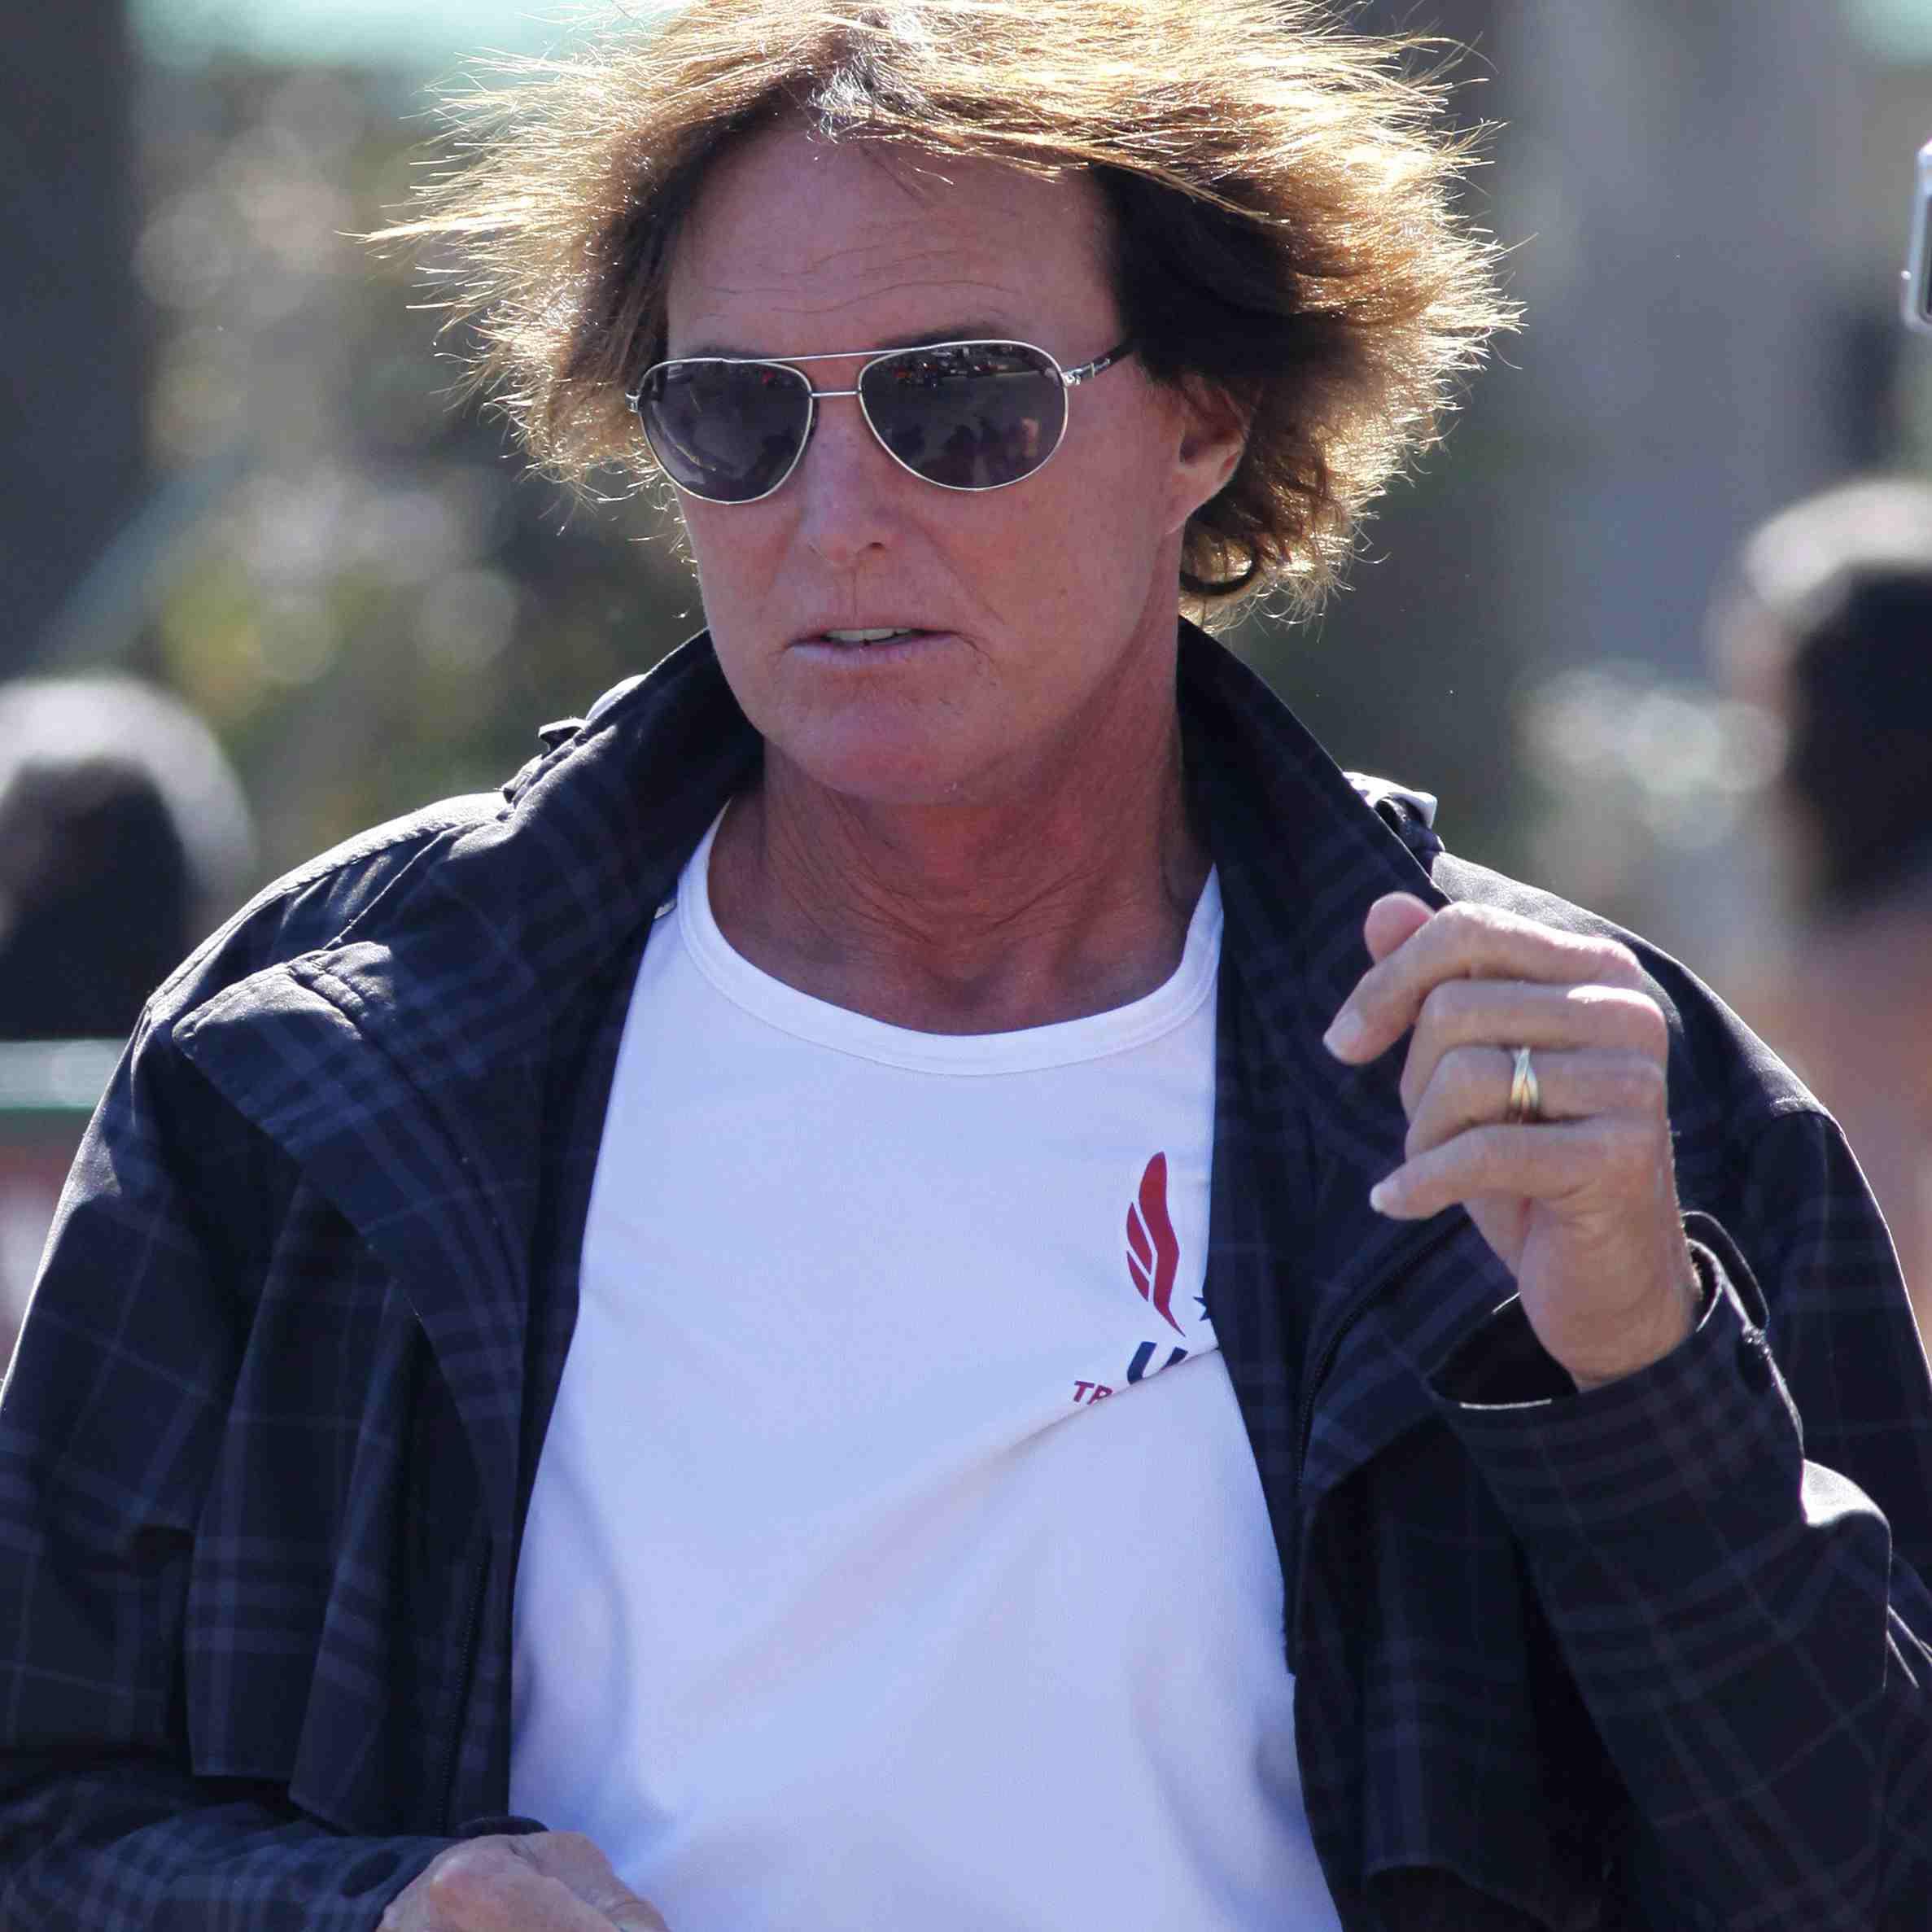 Bruce Jenner's hair